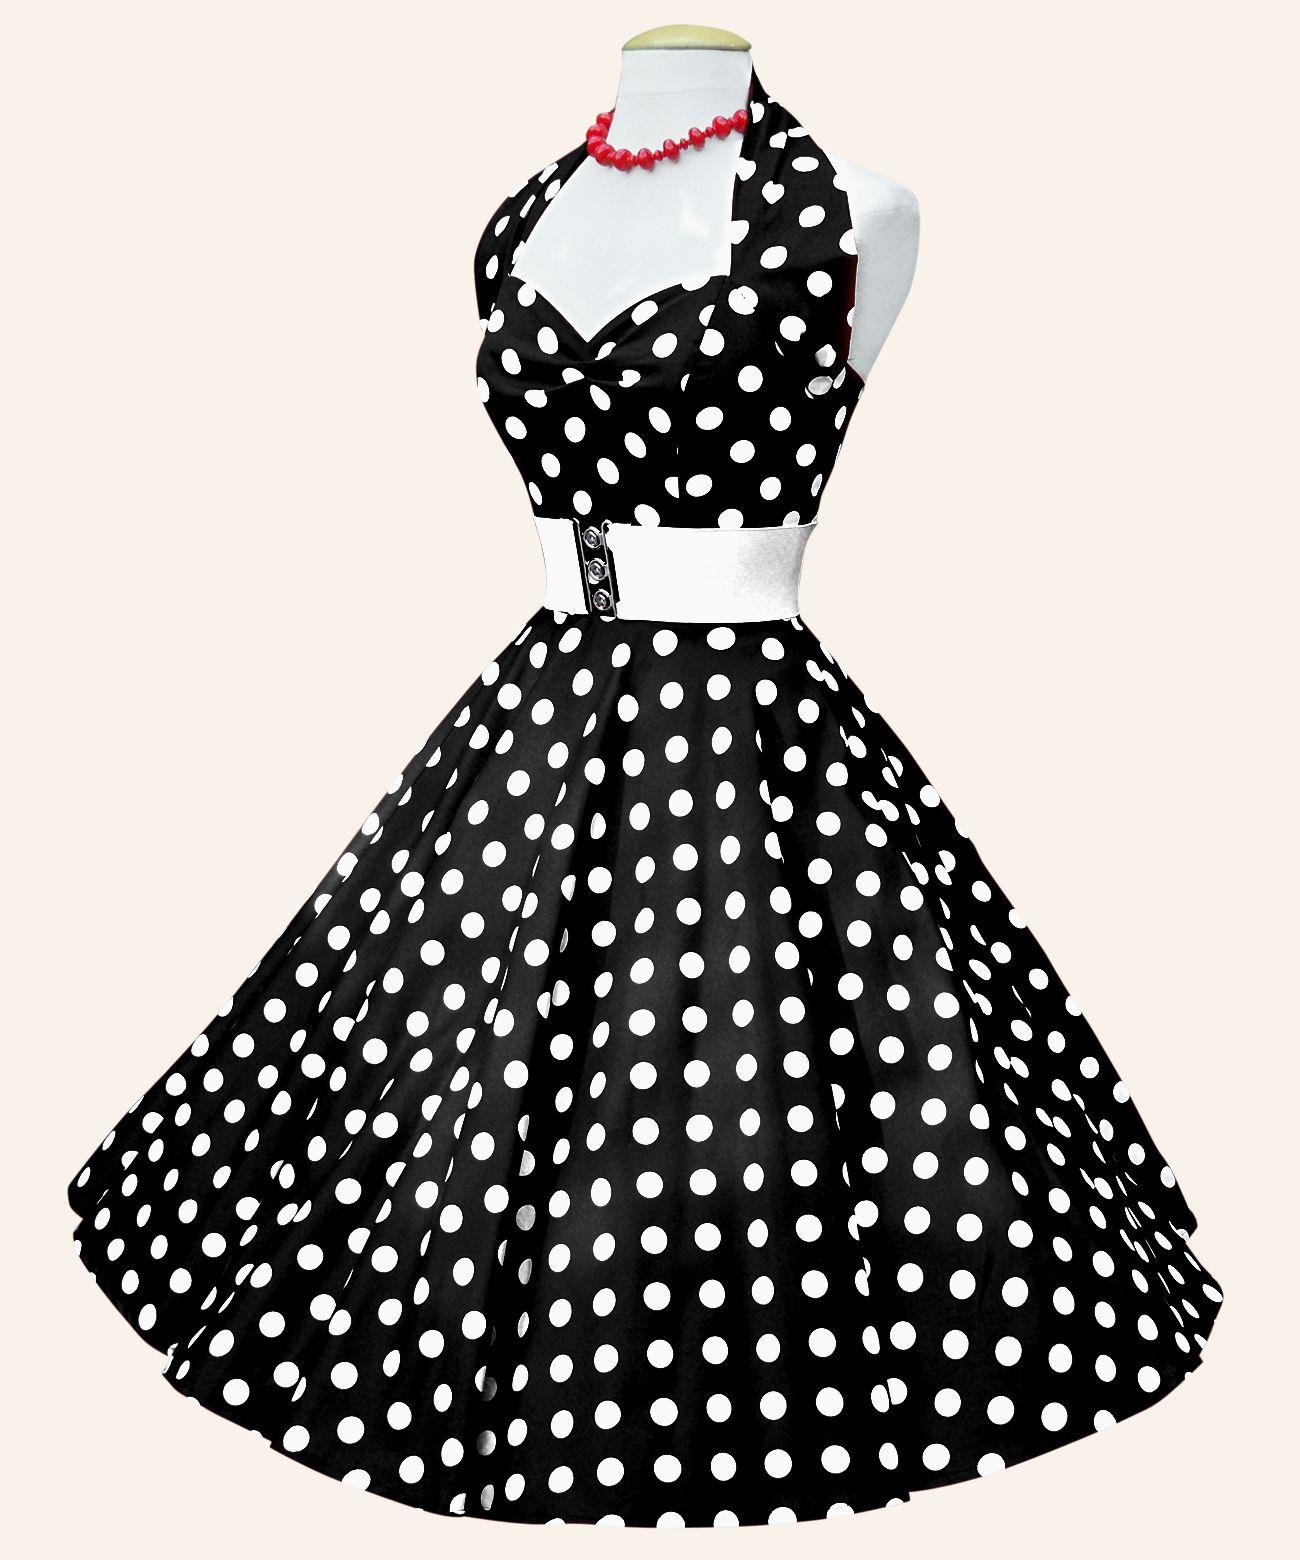 S halterneck polka dot dress from vivien of holloway s